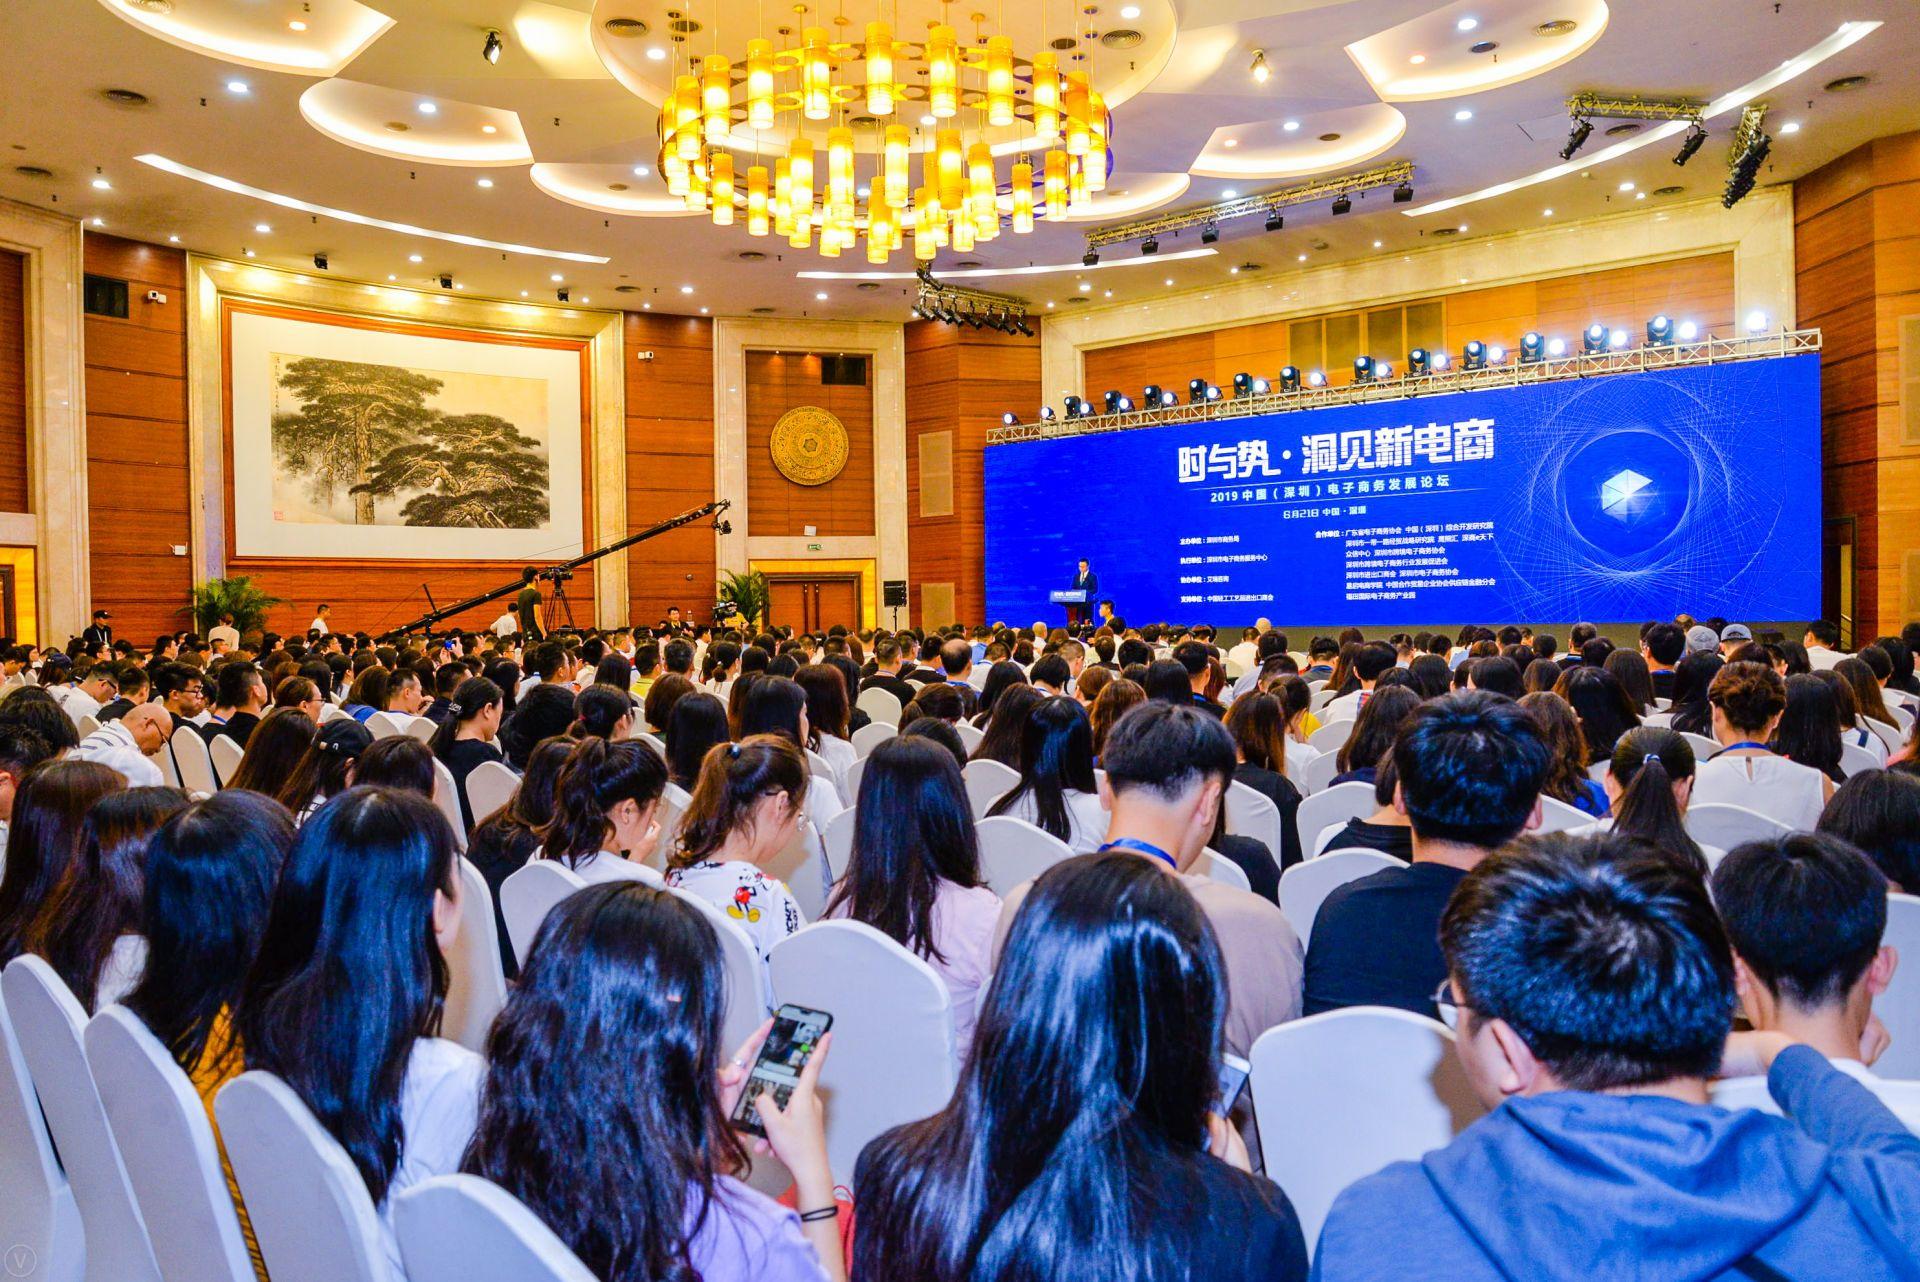 2019中国(深圳)电子商务发展论